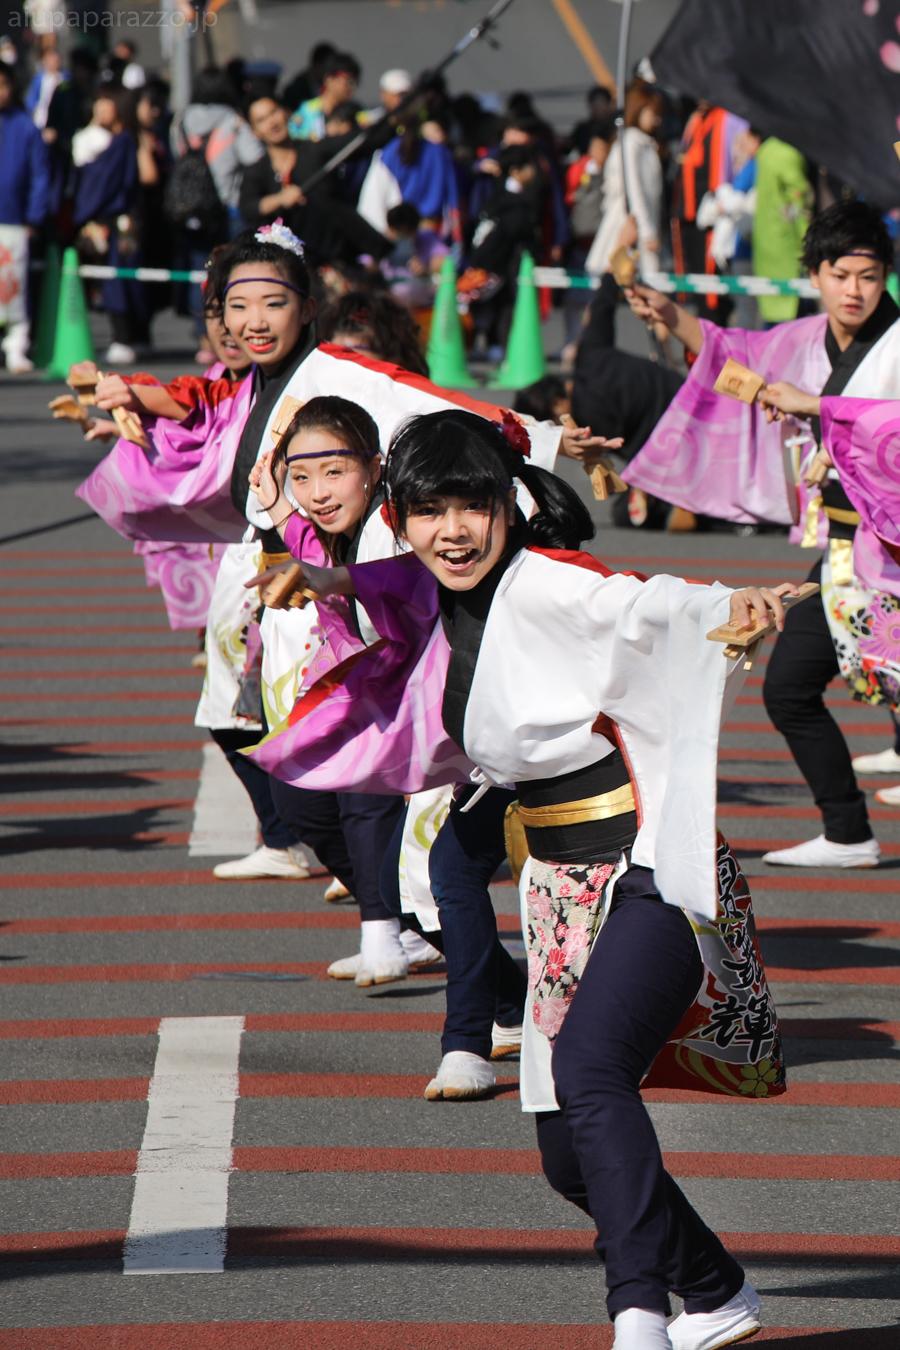 kabuki2016ran_oyachai-26.jpg